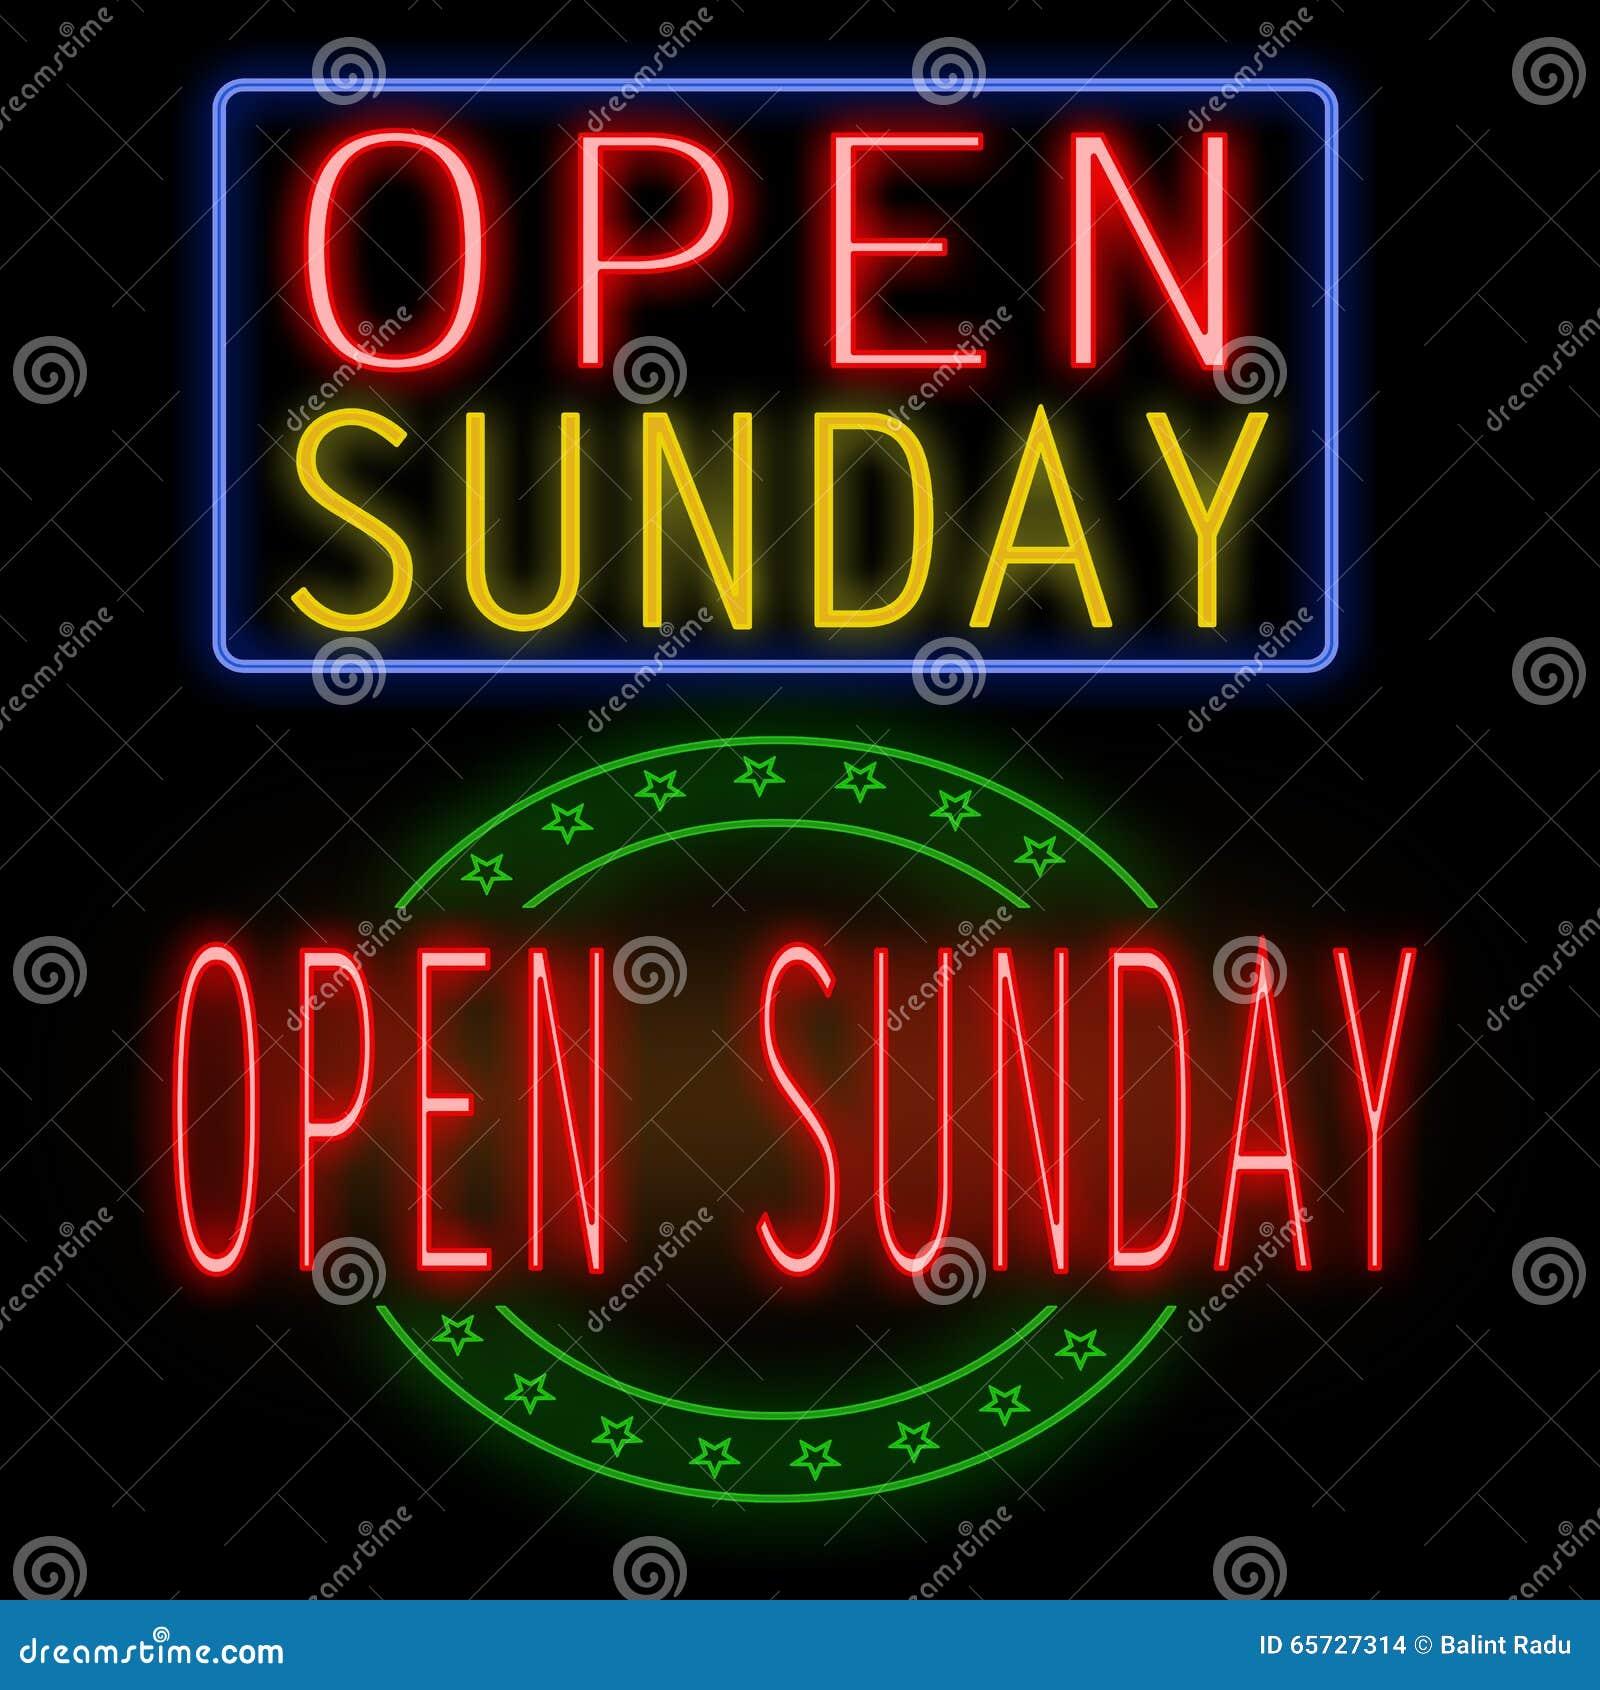 Open Sunday Neon Sign Stock Illustration